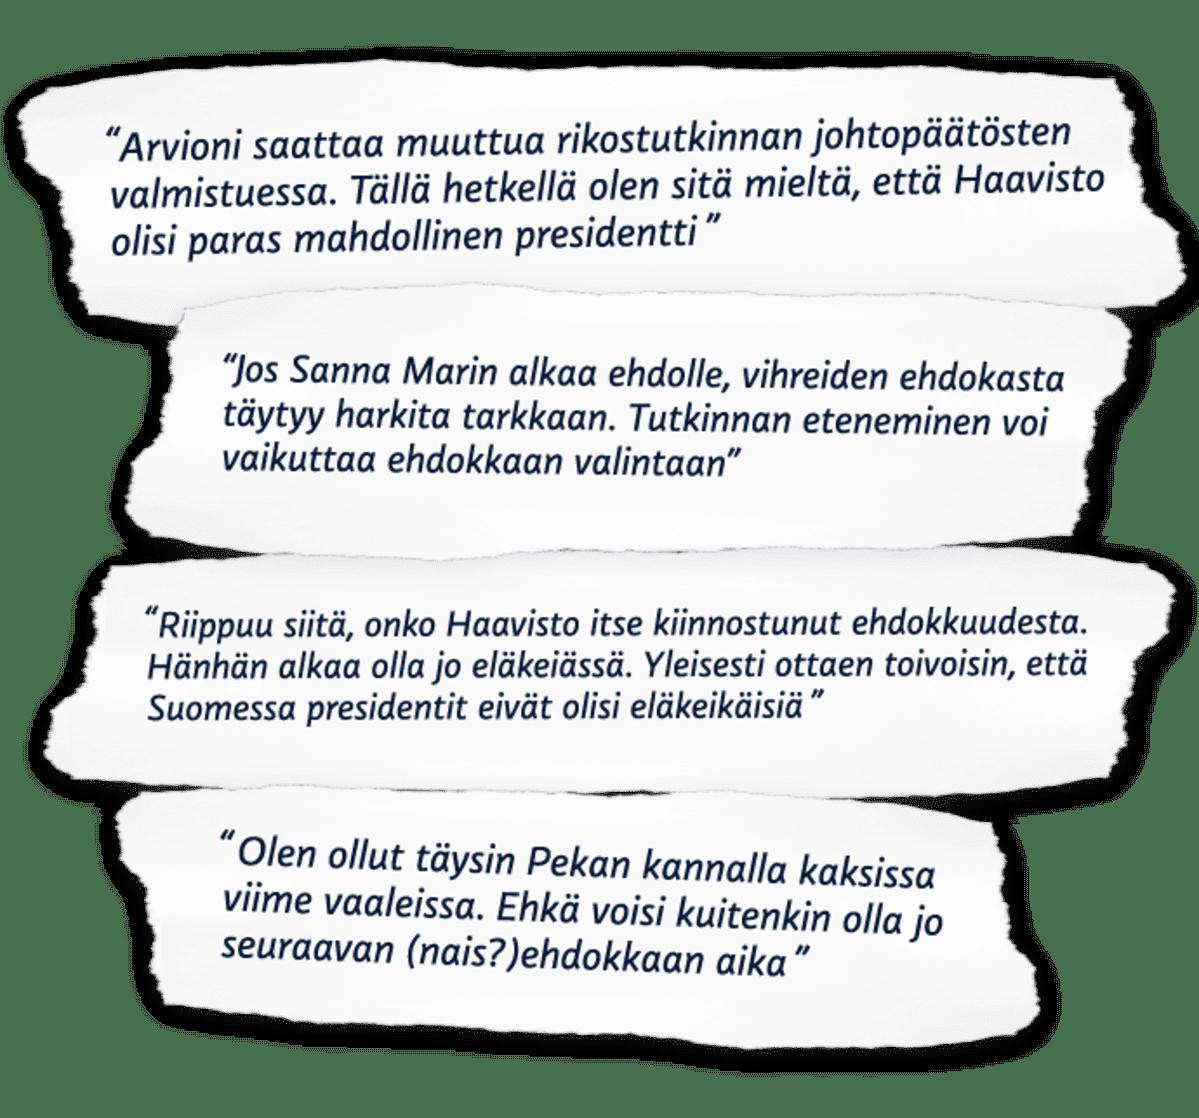 Vihreiden kritiikkiä Pekka Haaviston mahdollista presidenttiehdokkuutta kohtaan.